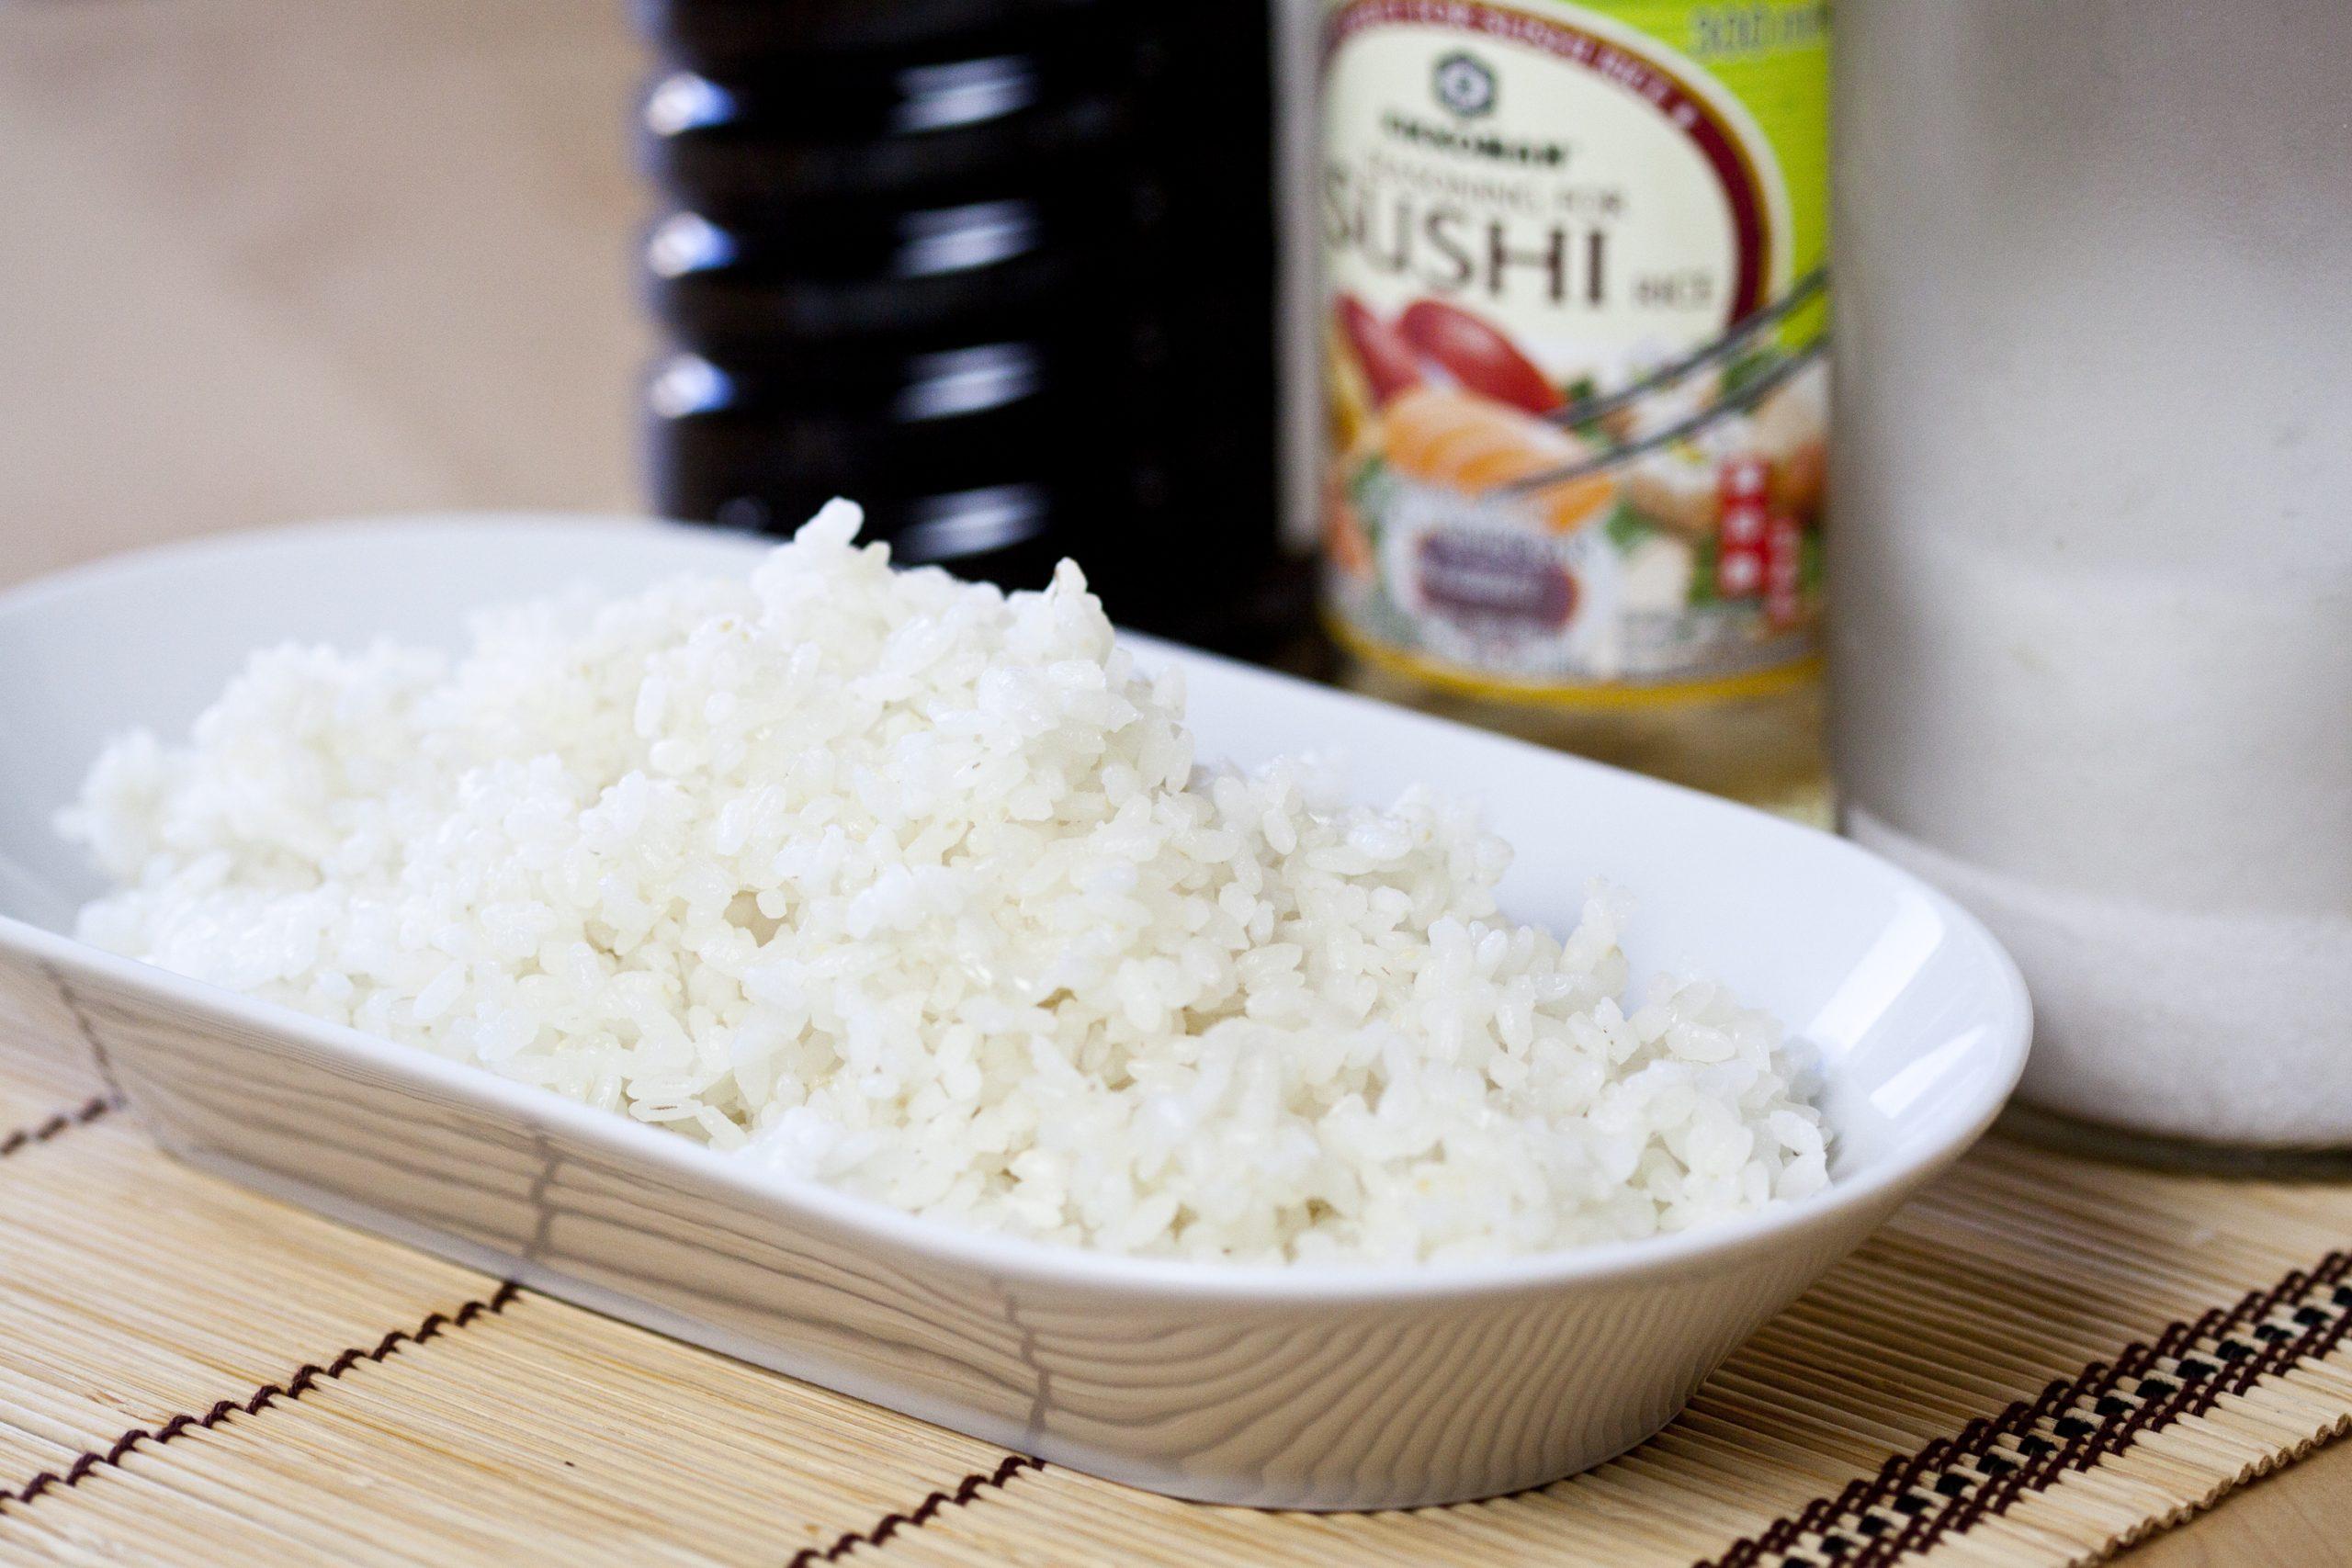 Ricetta del riso per sushi fatto in casa